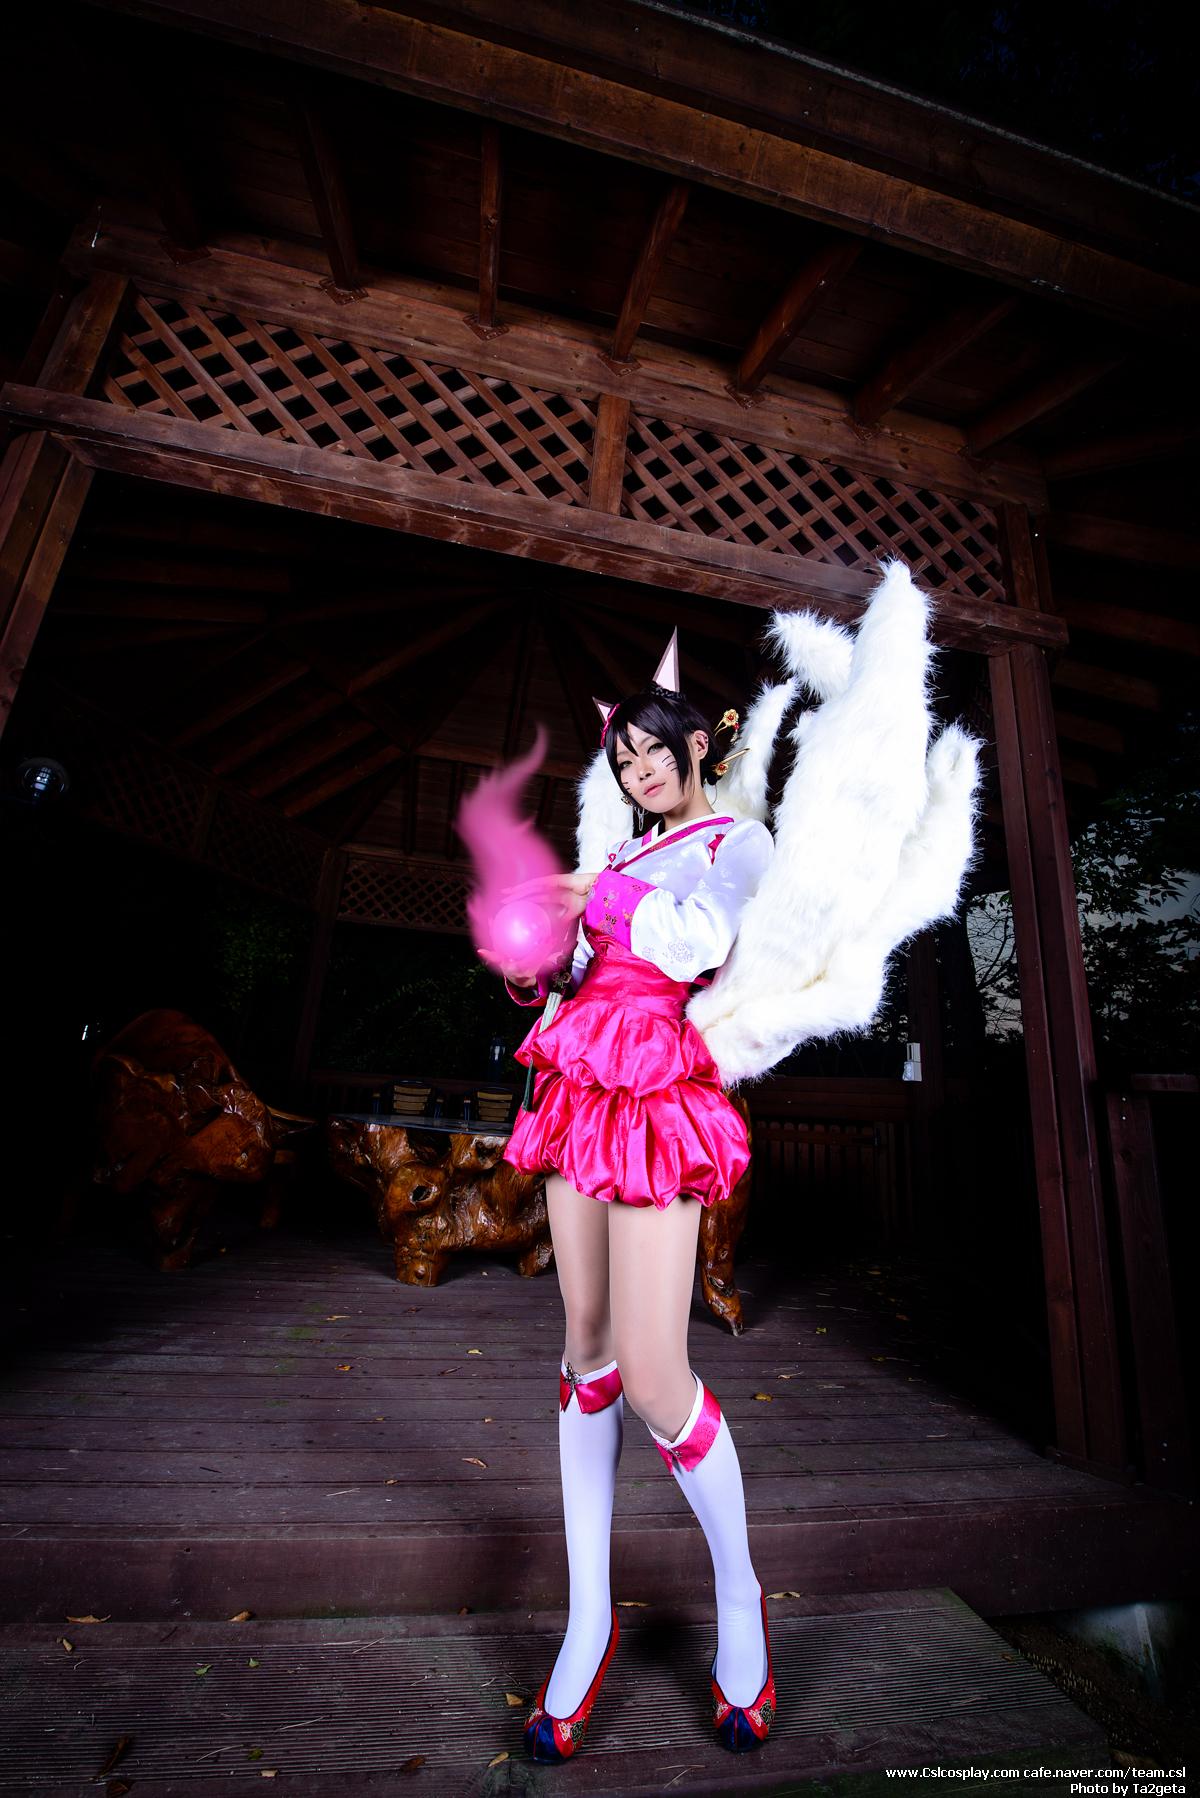 Ngắm cosplay Ahri Hàn Triều cực quyến rũ - Ảnh 7